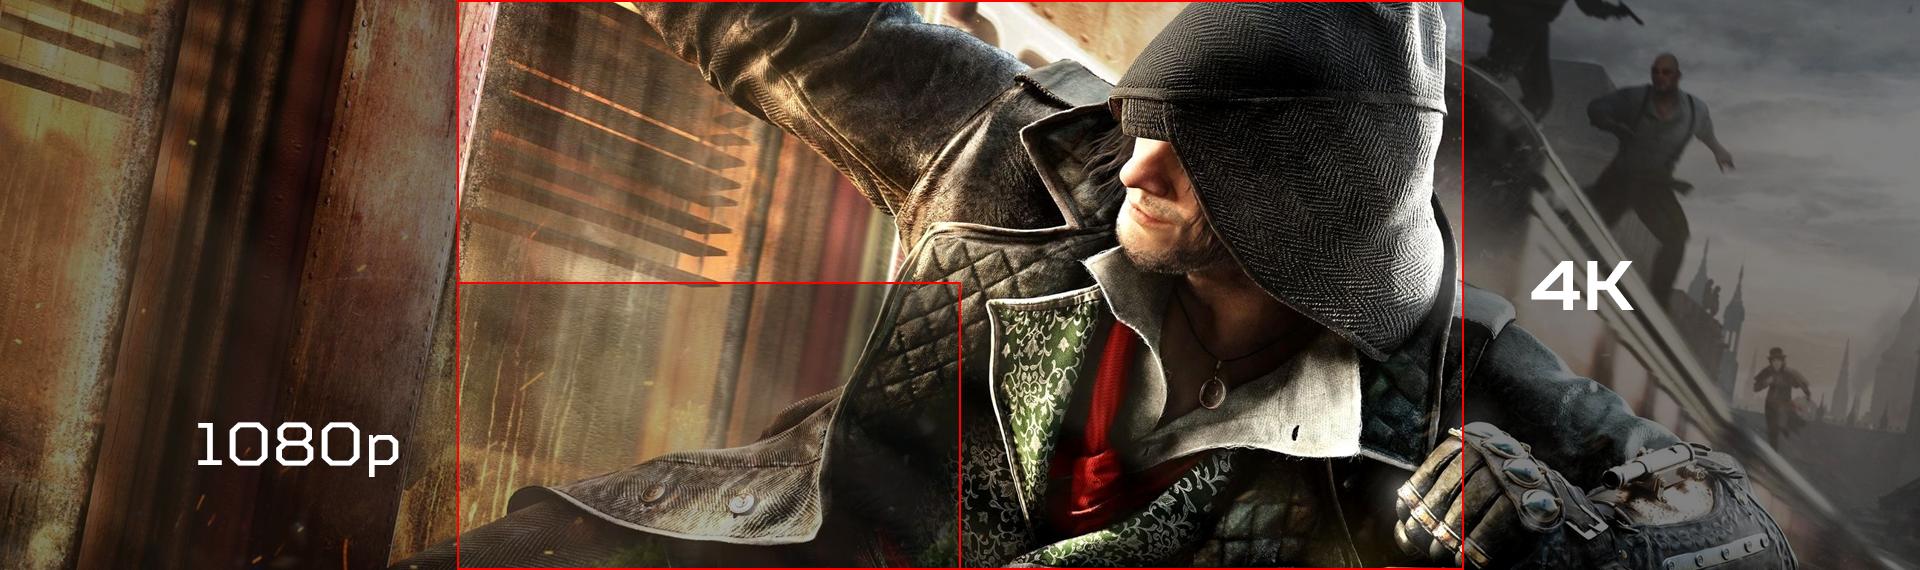 Resolusi 4K vs 1080p: Bagaimana Perbedaan Pengalaman Gaming Antara Kedua Visual Ini?